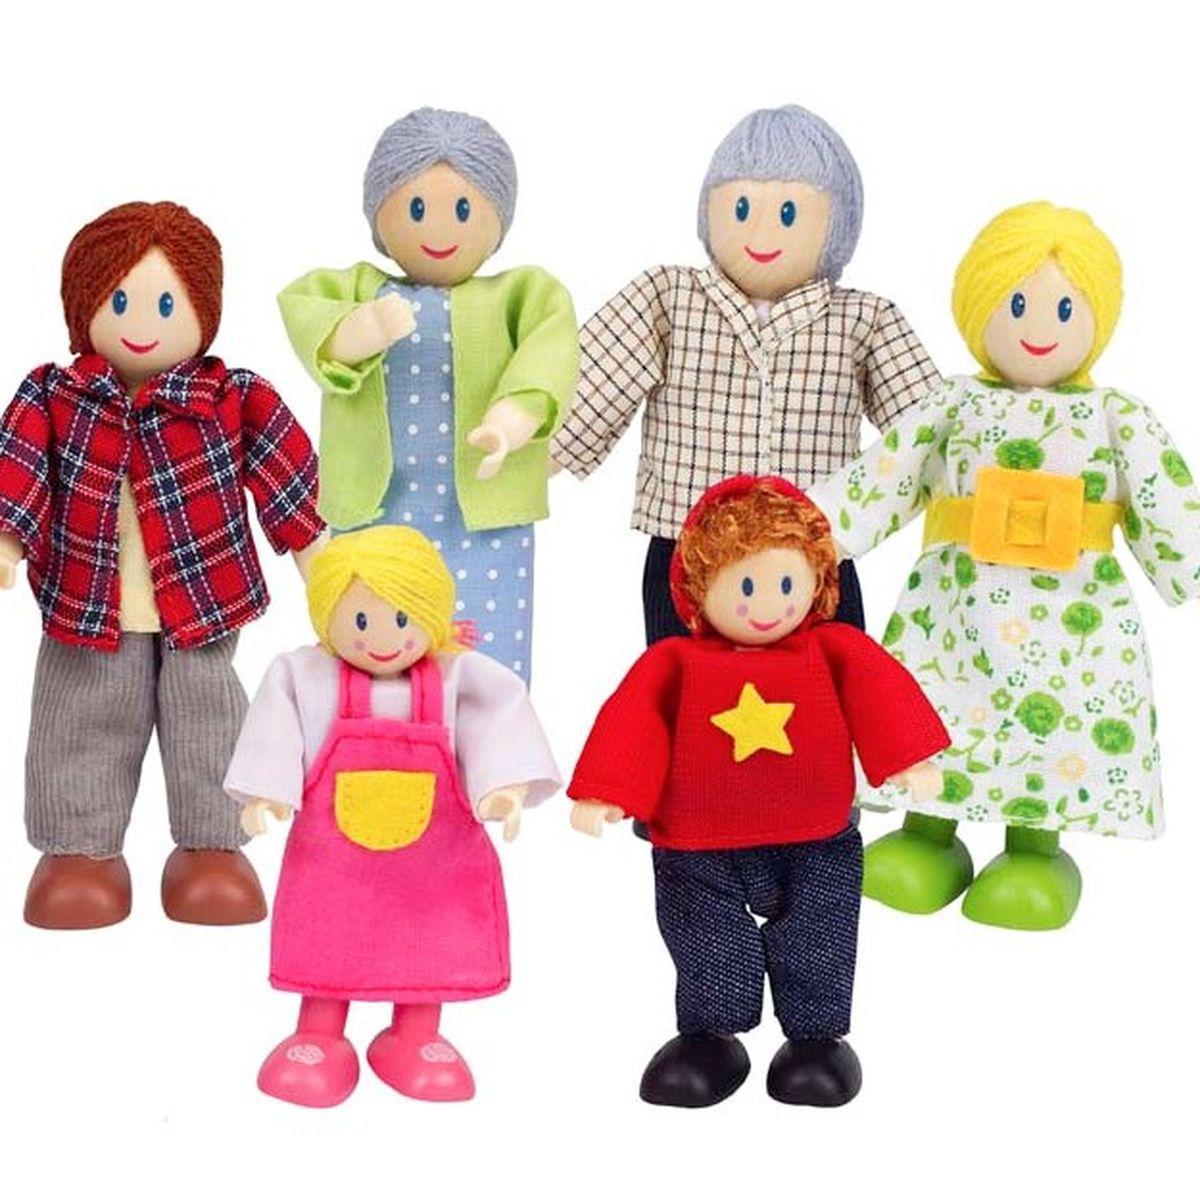 HAPPY FAMILY by Hape Personnages pour maison en bois